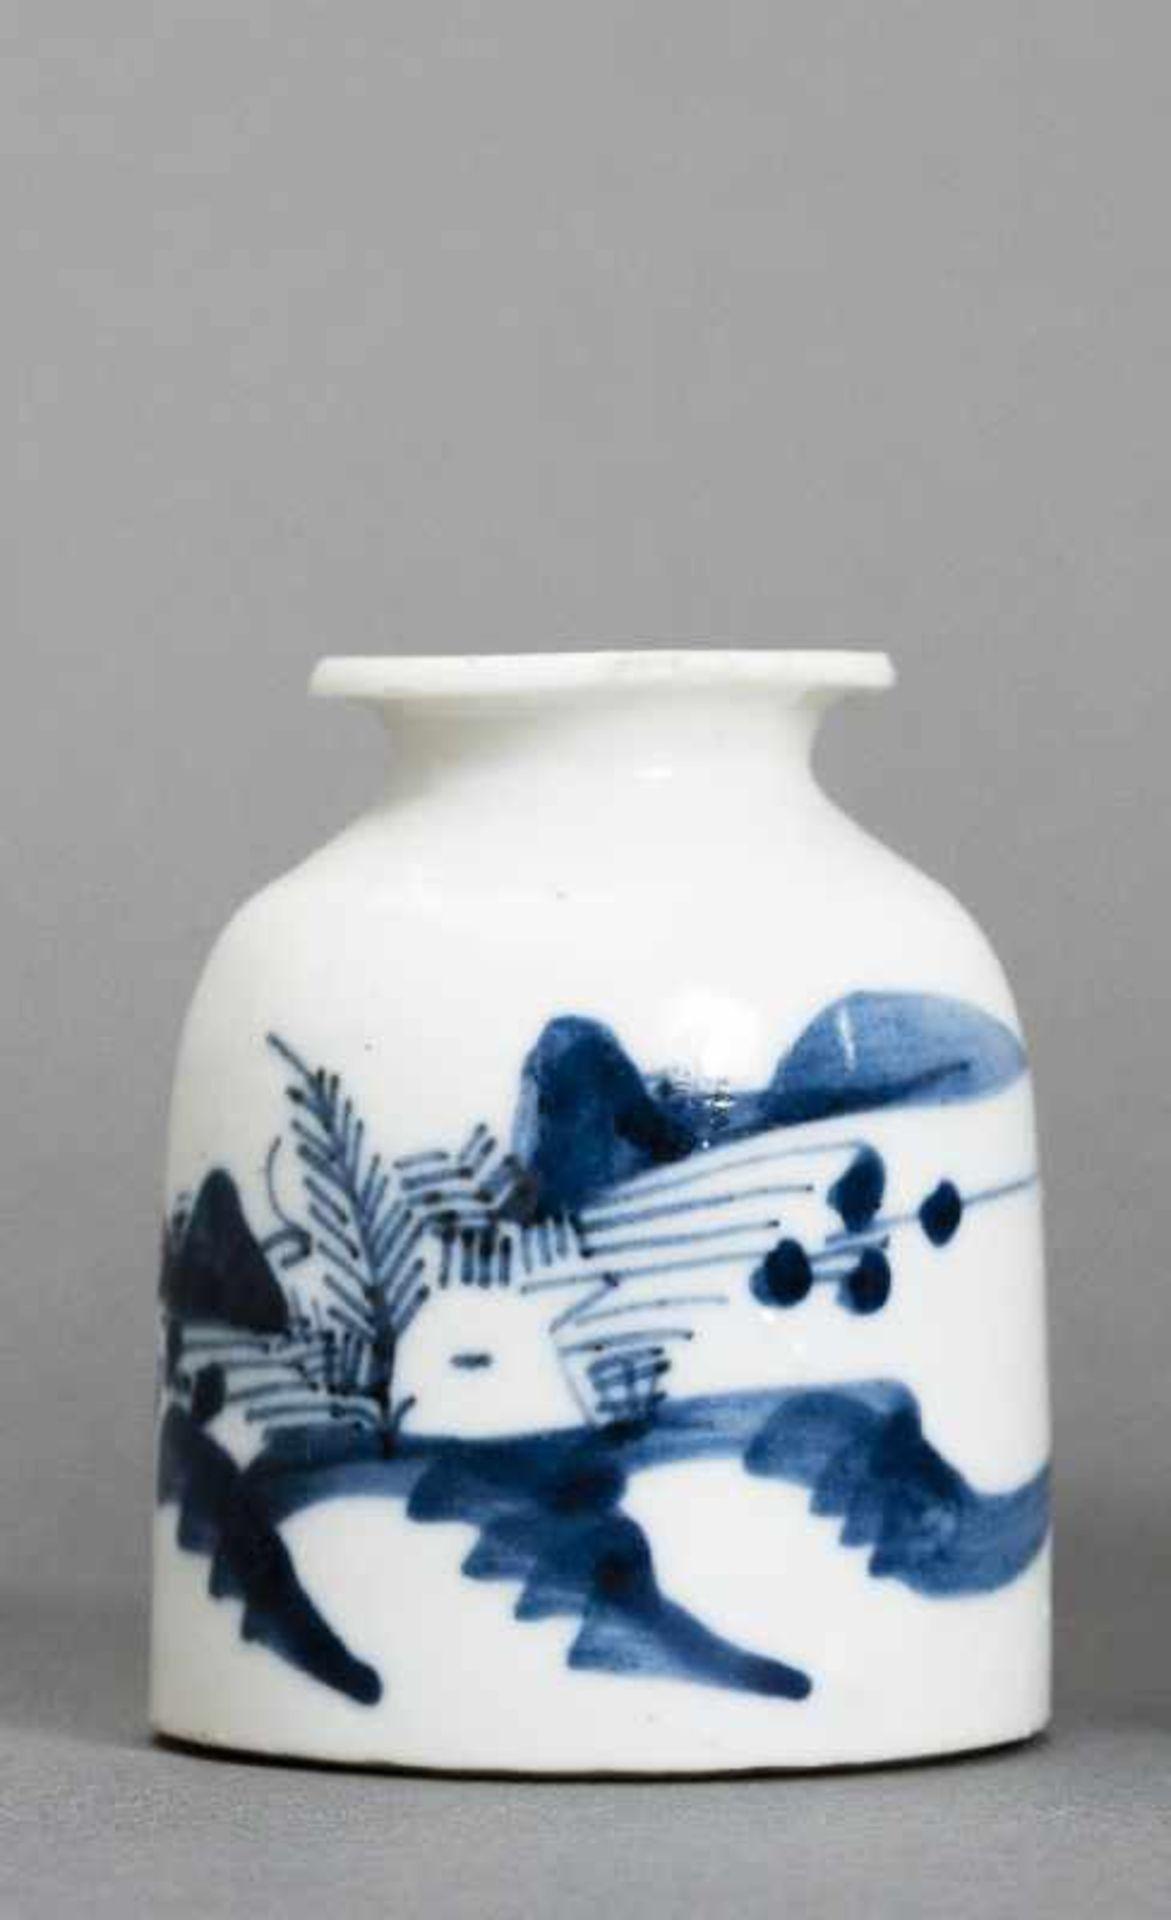 WASSERGEFÄSS Blauweiß-Porzellan. China, Qing-Dynastie (1644-1911) Ein kleines Wassergefäß für den